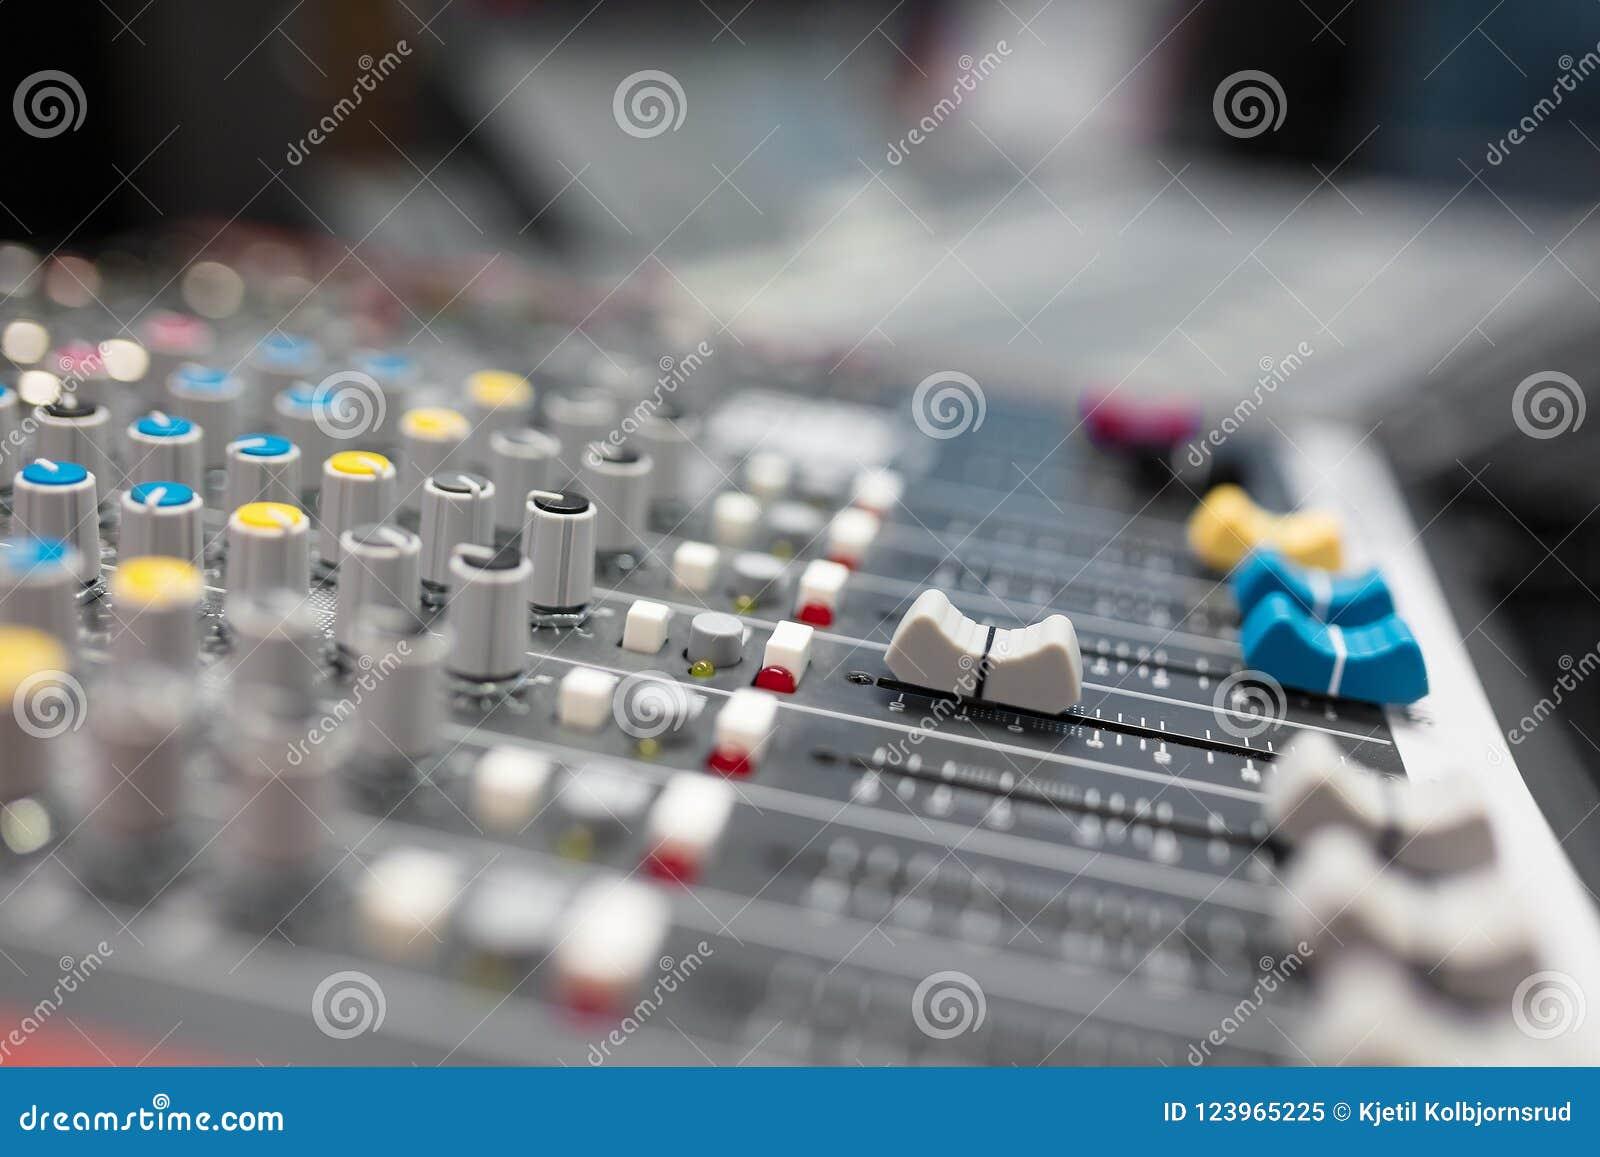 Υγιής αναμίκτης στο ραδιο στούντιο ραδιοφωνικής αναμετάδοσης και καταγραφής μουσικής